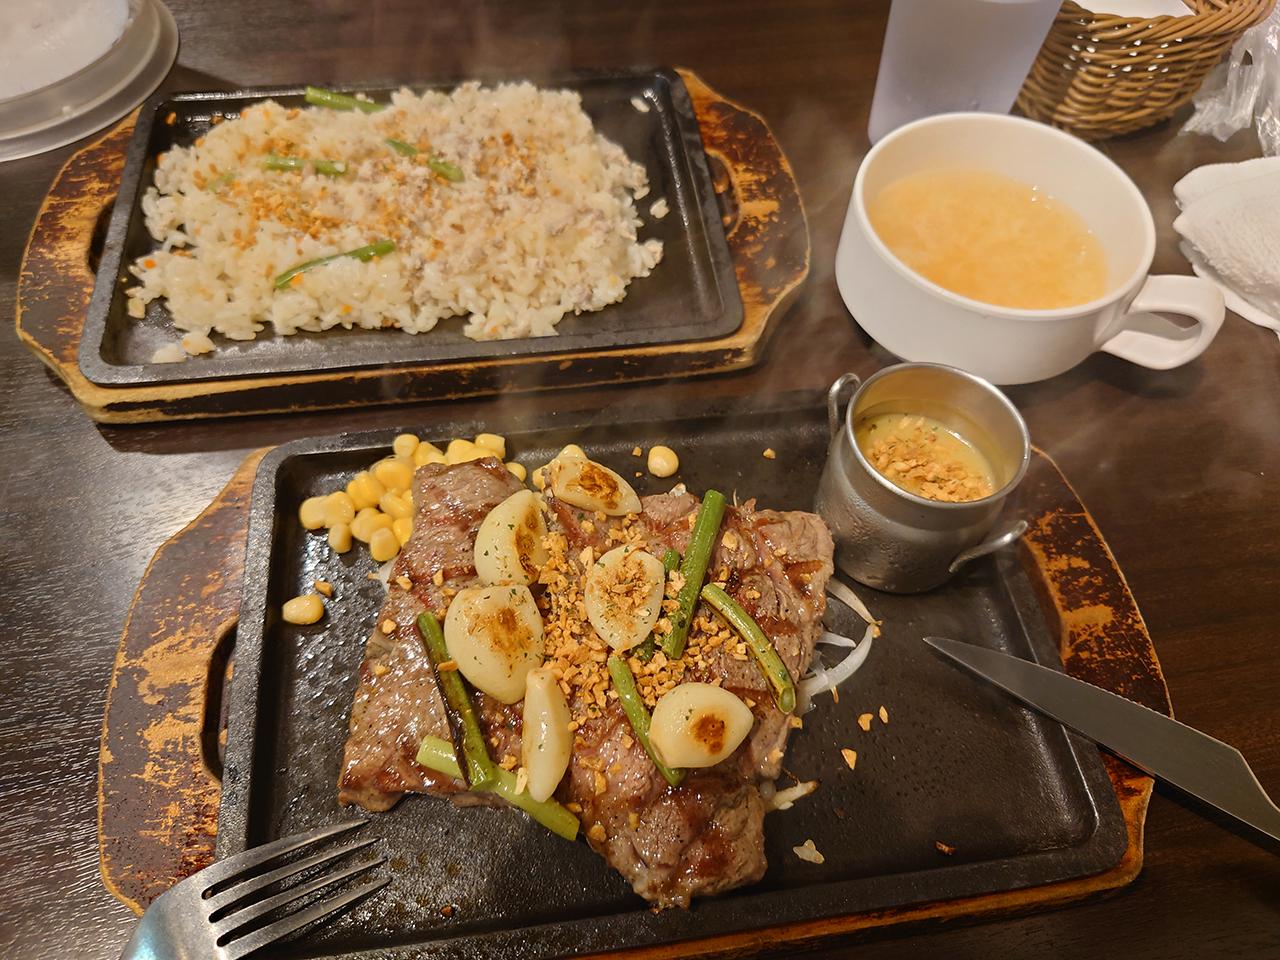 松山市駅地下街の「まつちかステーキ食堂」でまっ昼間っから肉を喰う!